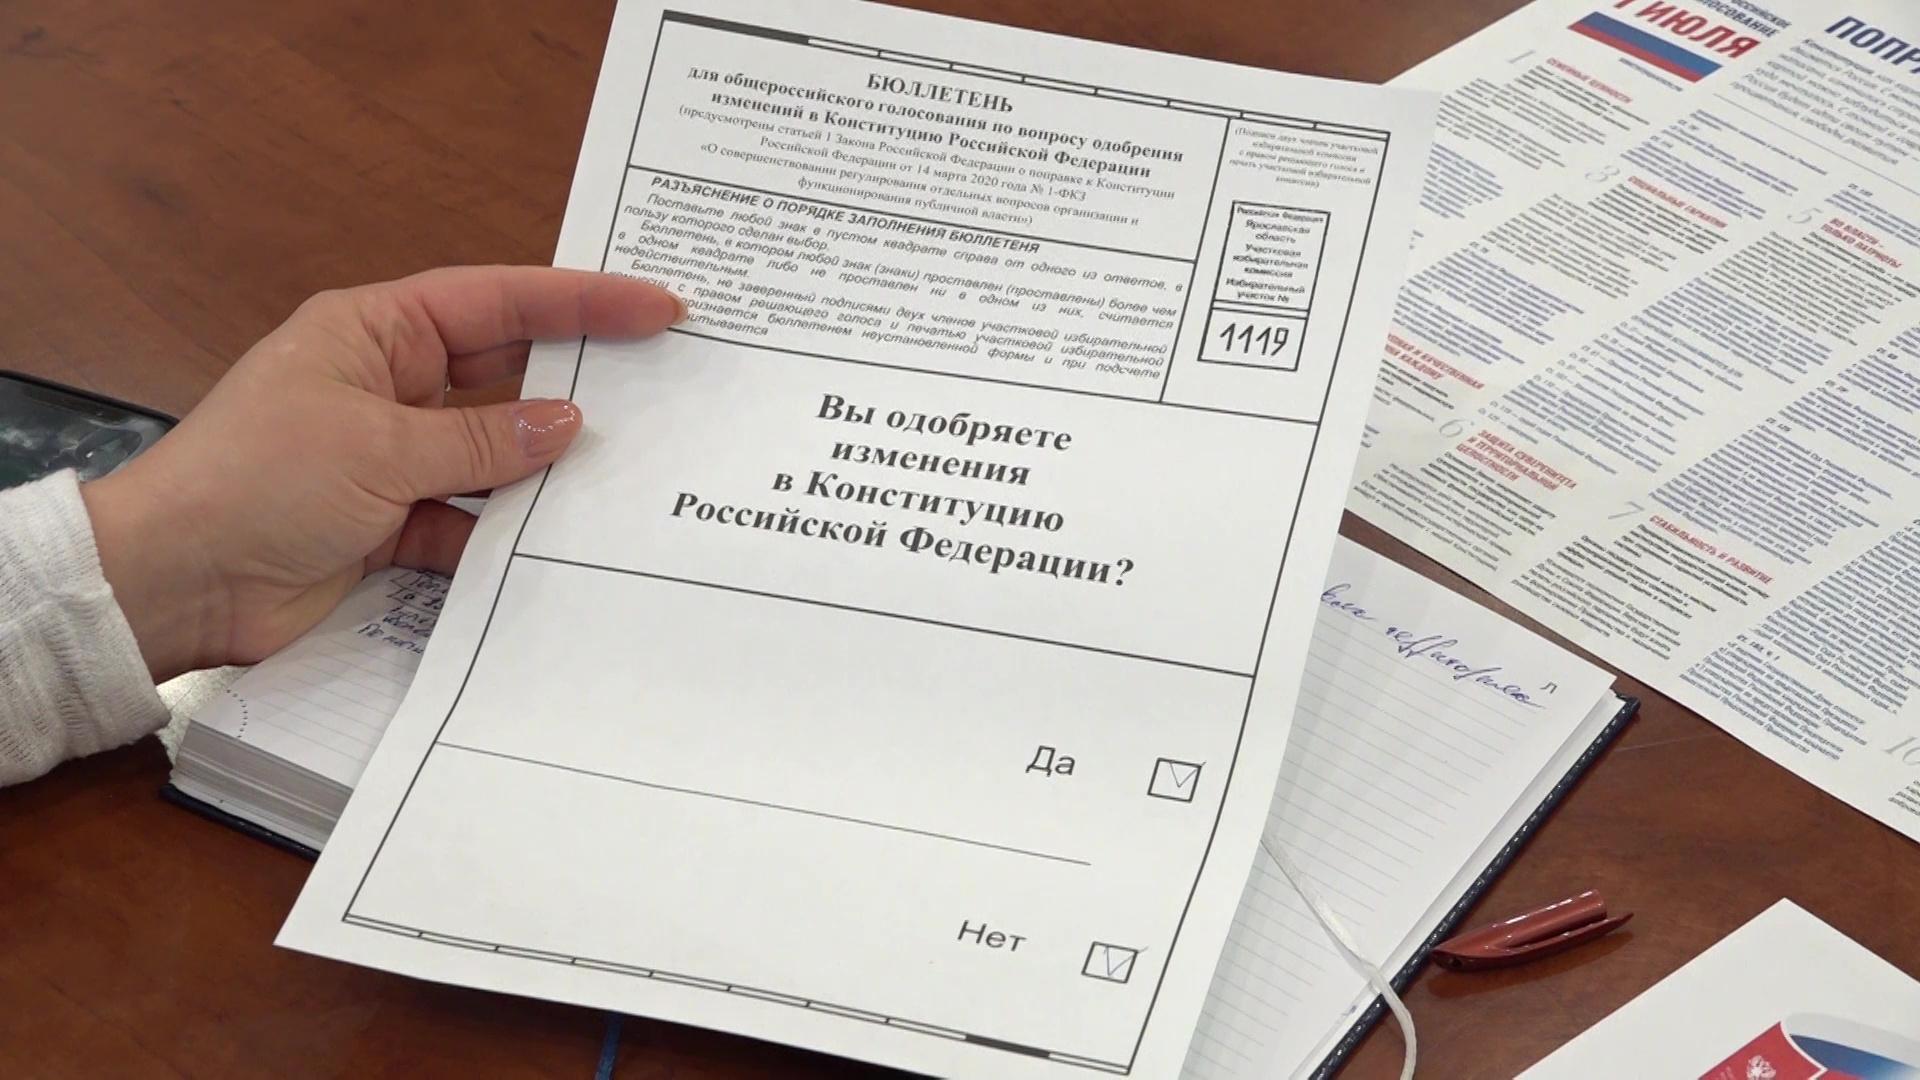 Стало известно, как пройдет голосование по поправкам в Конституцию в Ярославской области